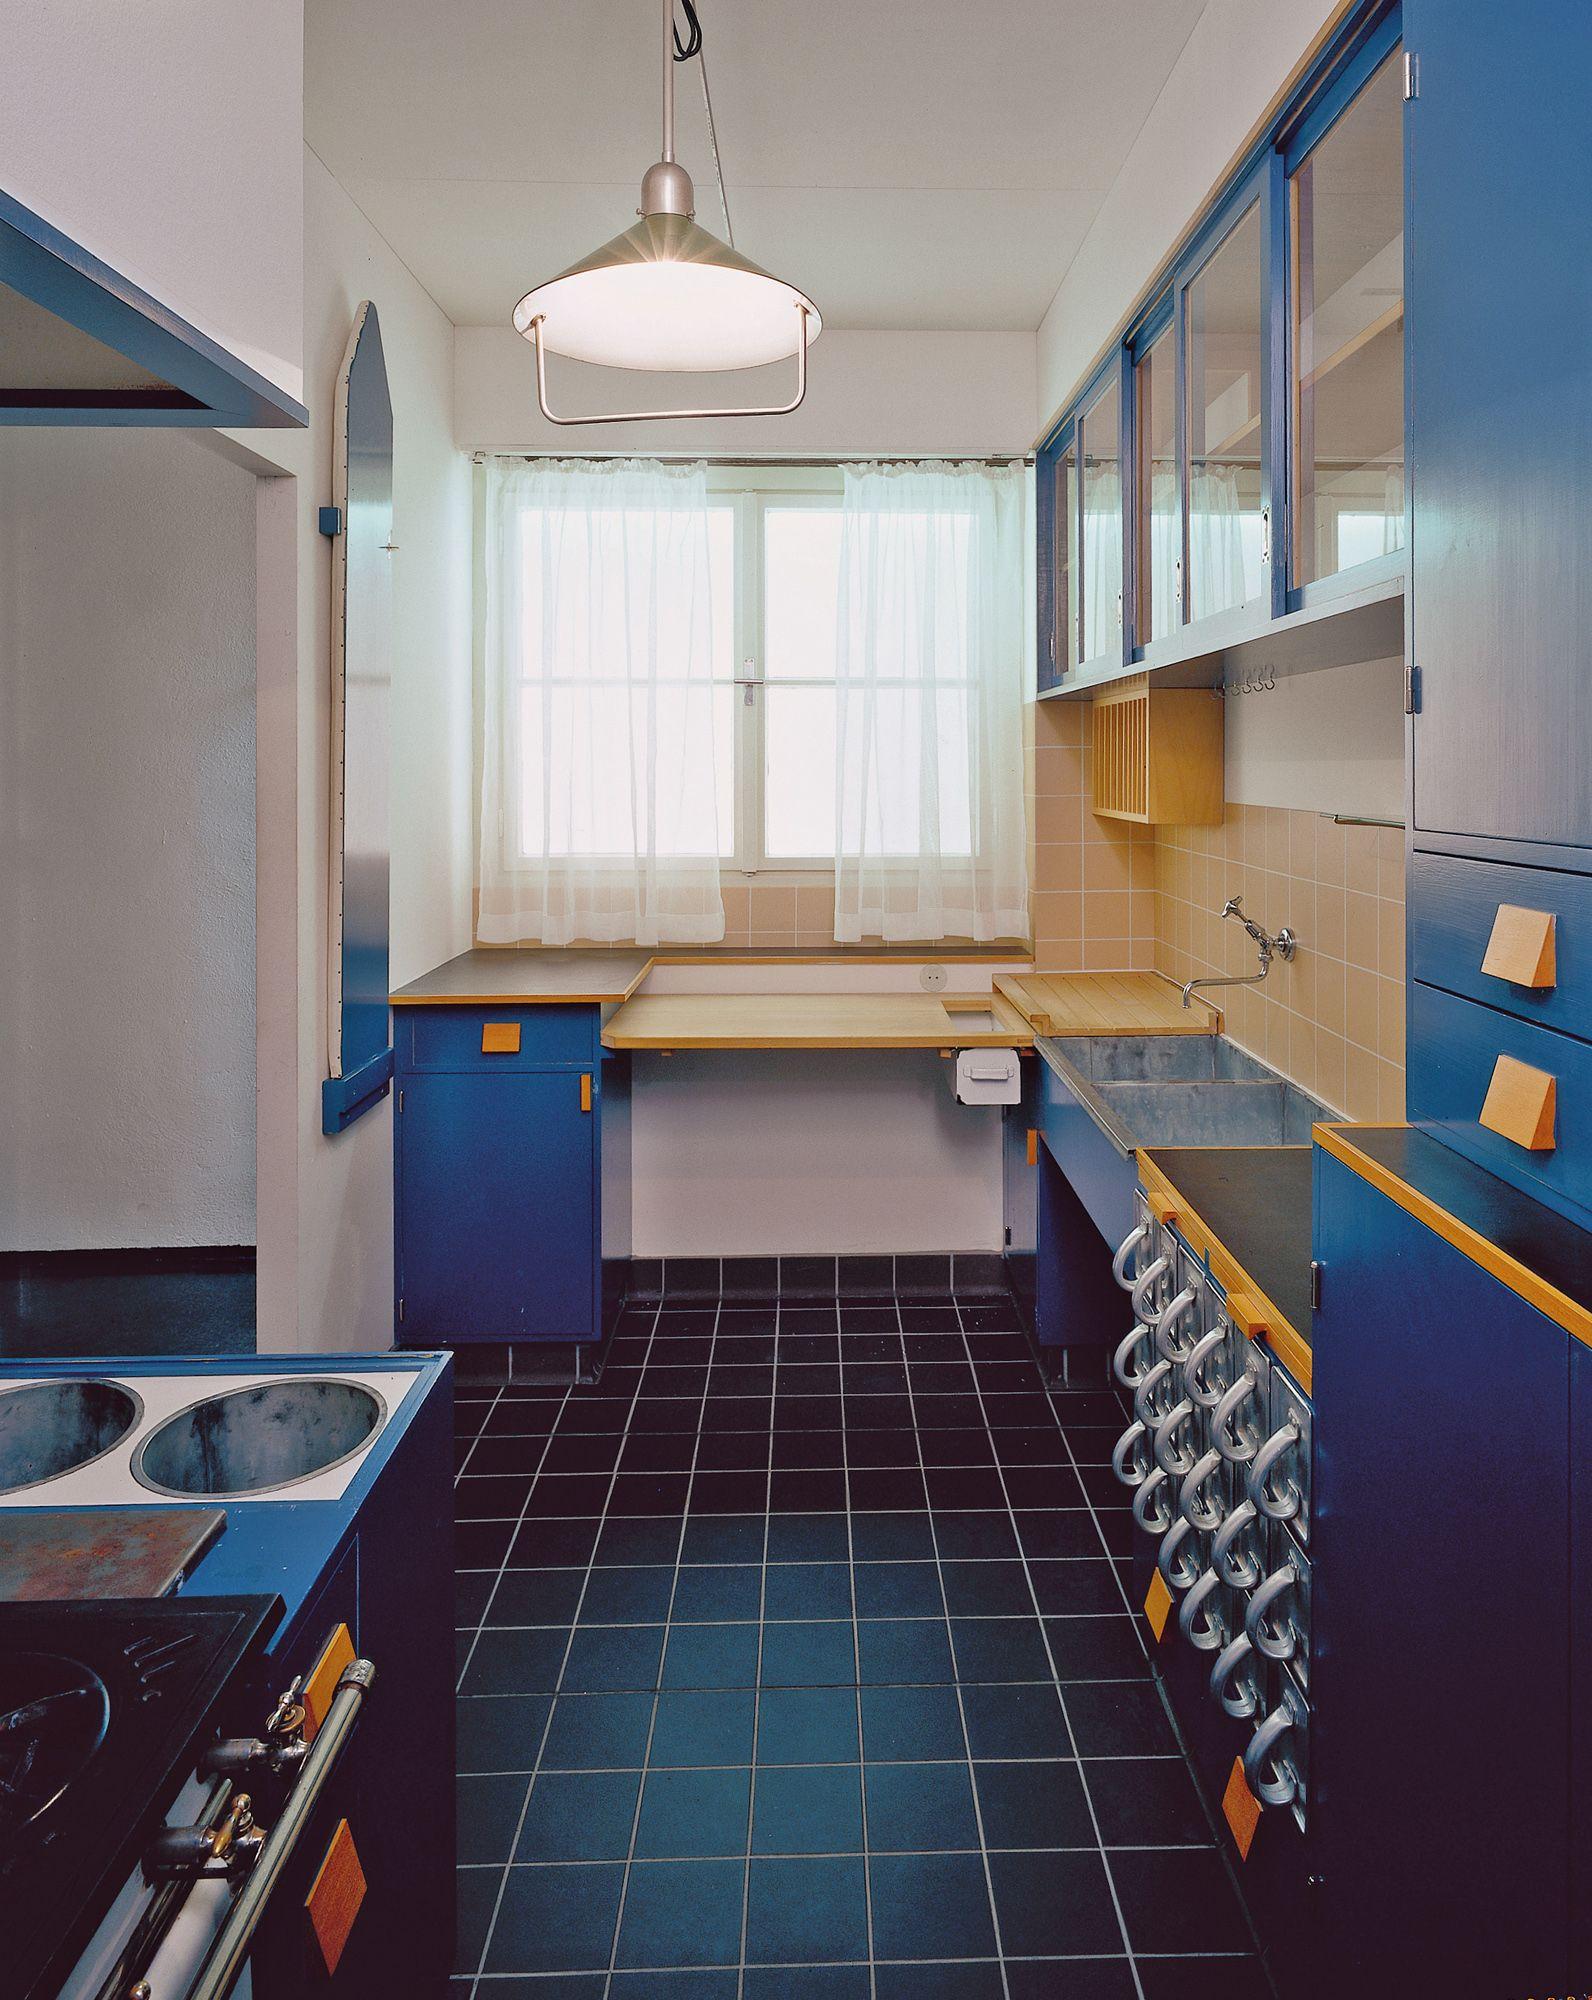 frankfurter küche - mak wien | UX for Products | Pinterest ...